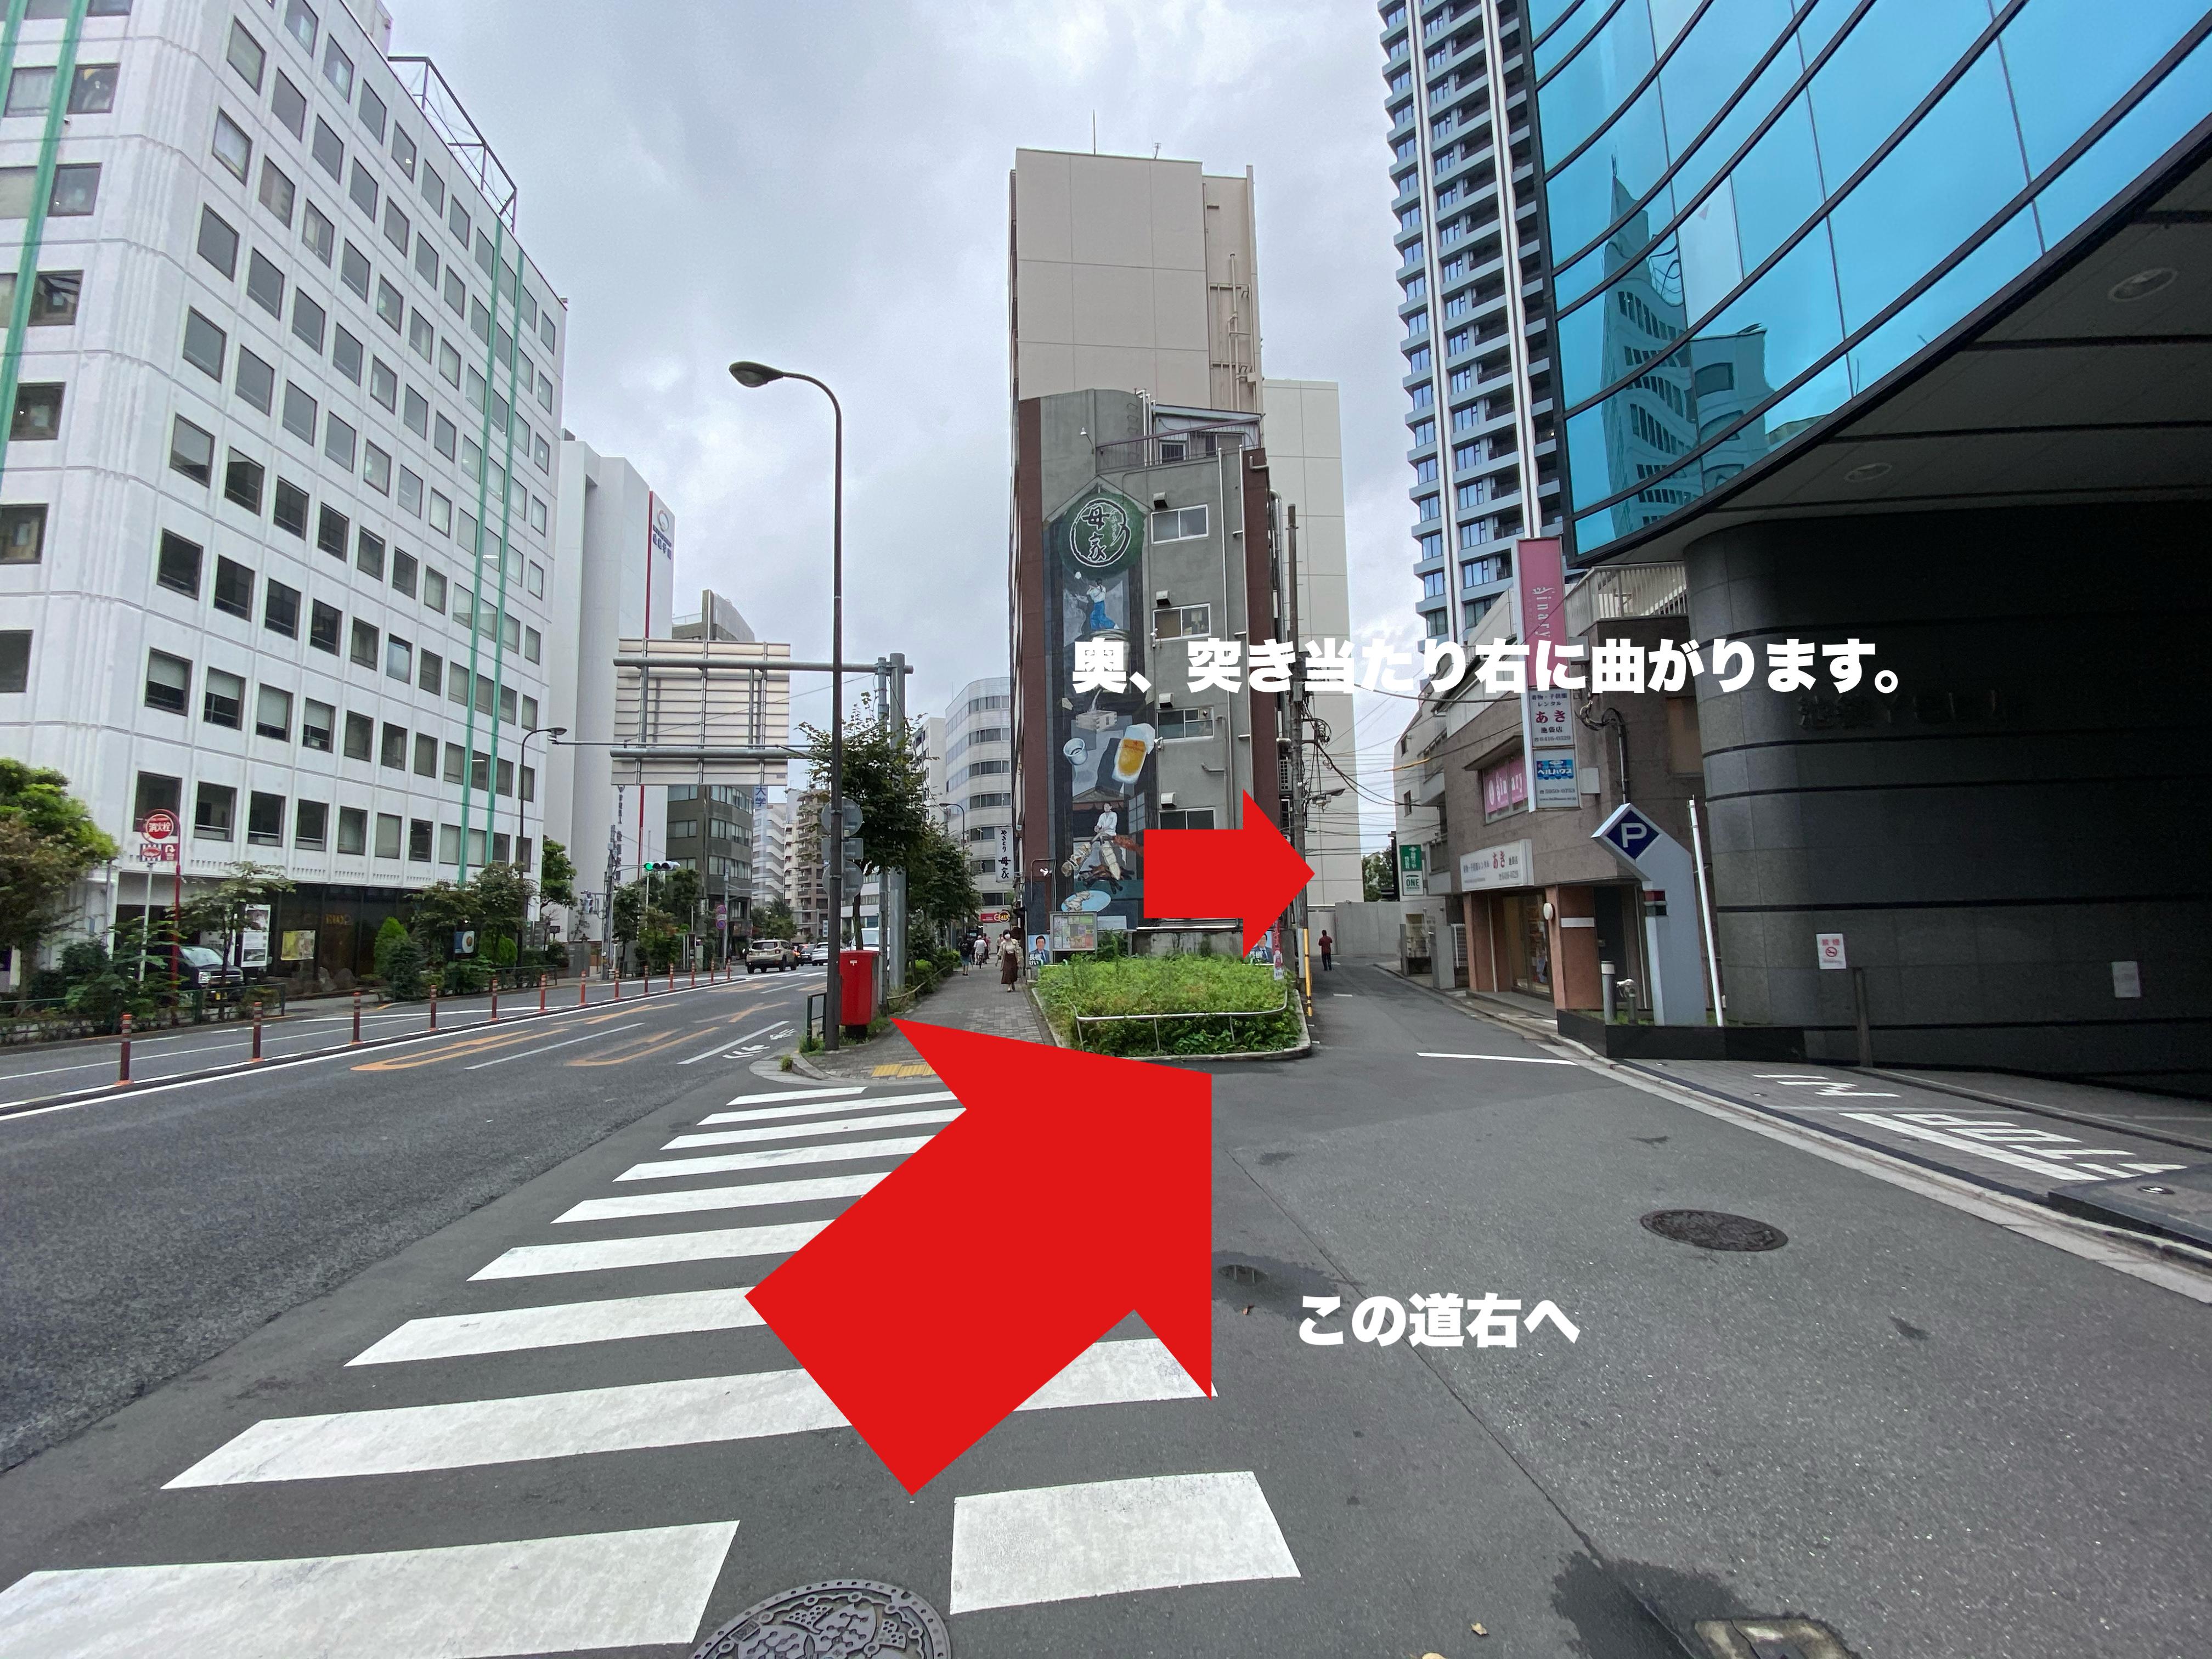 進むと壁画のあるビルがあります。<br /> その右の道に進みます。<br /> 突き当たりを更に右に、その後道なりに進みます。